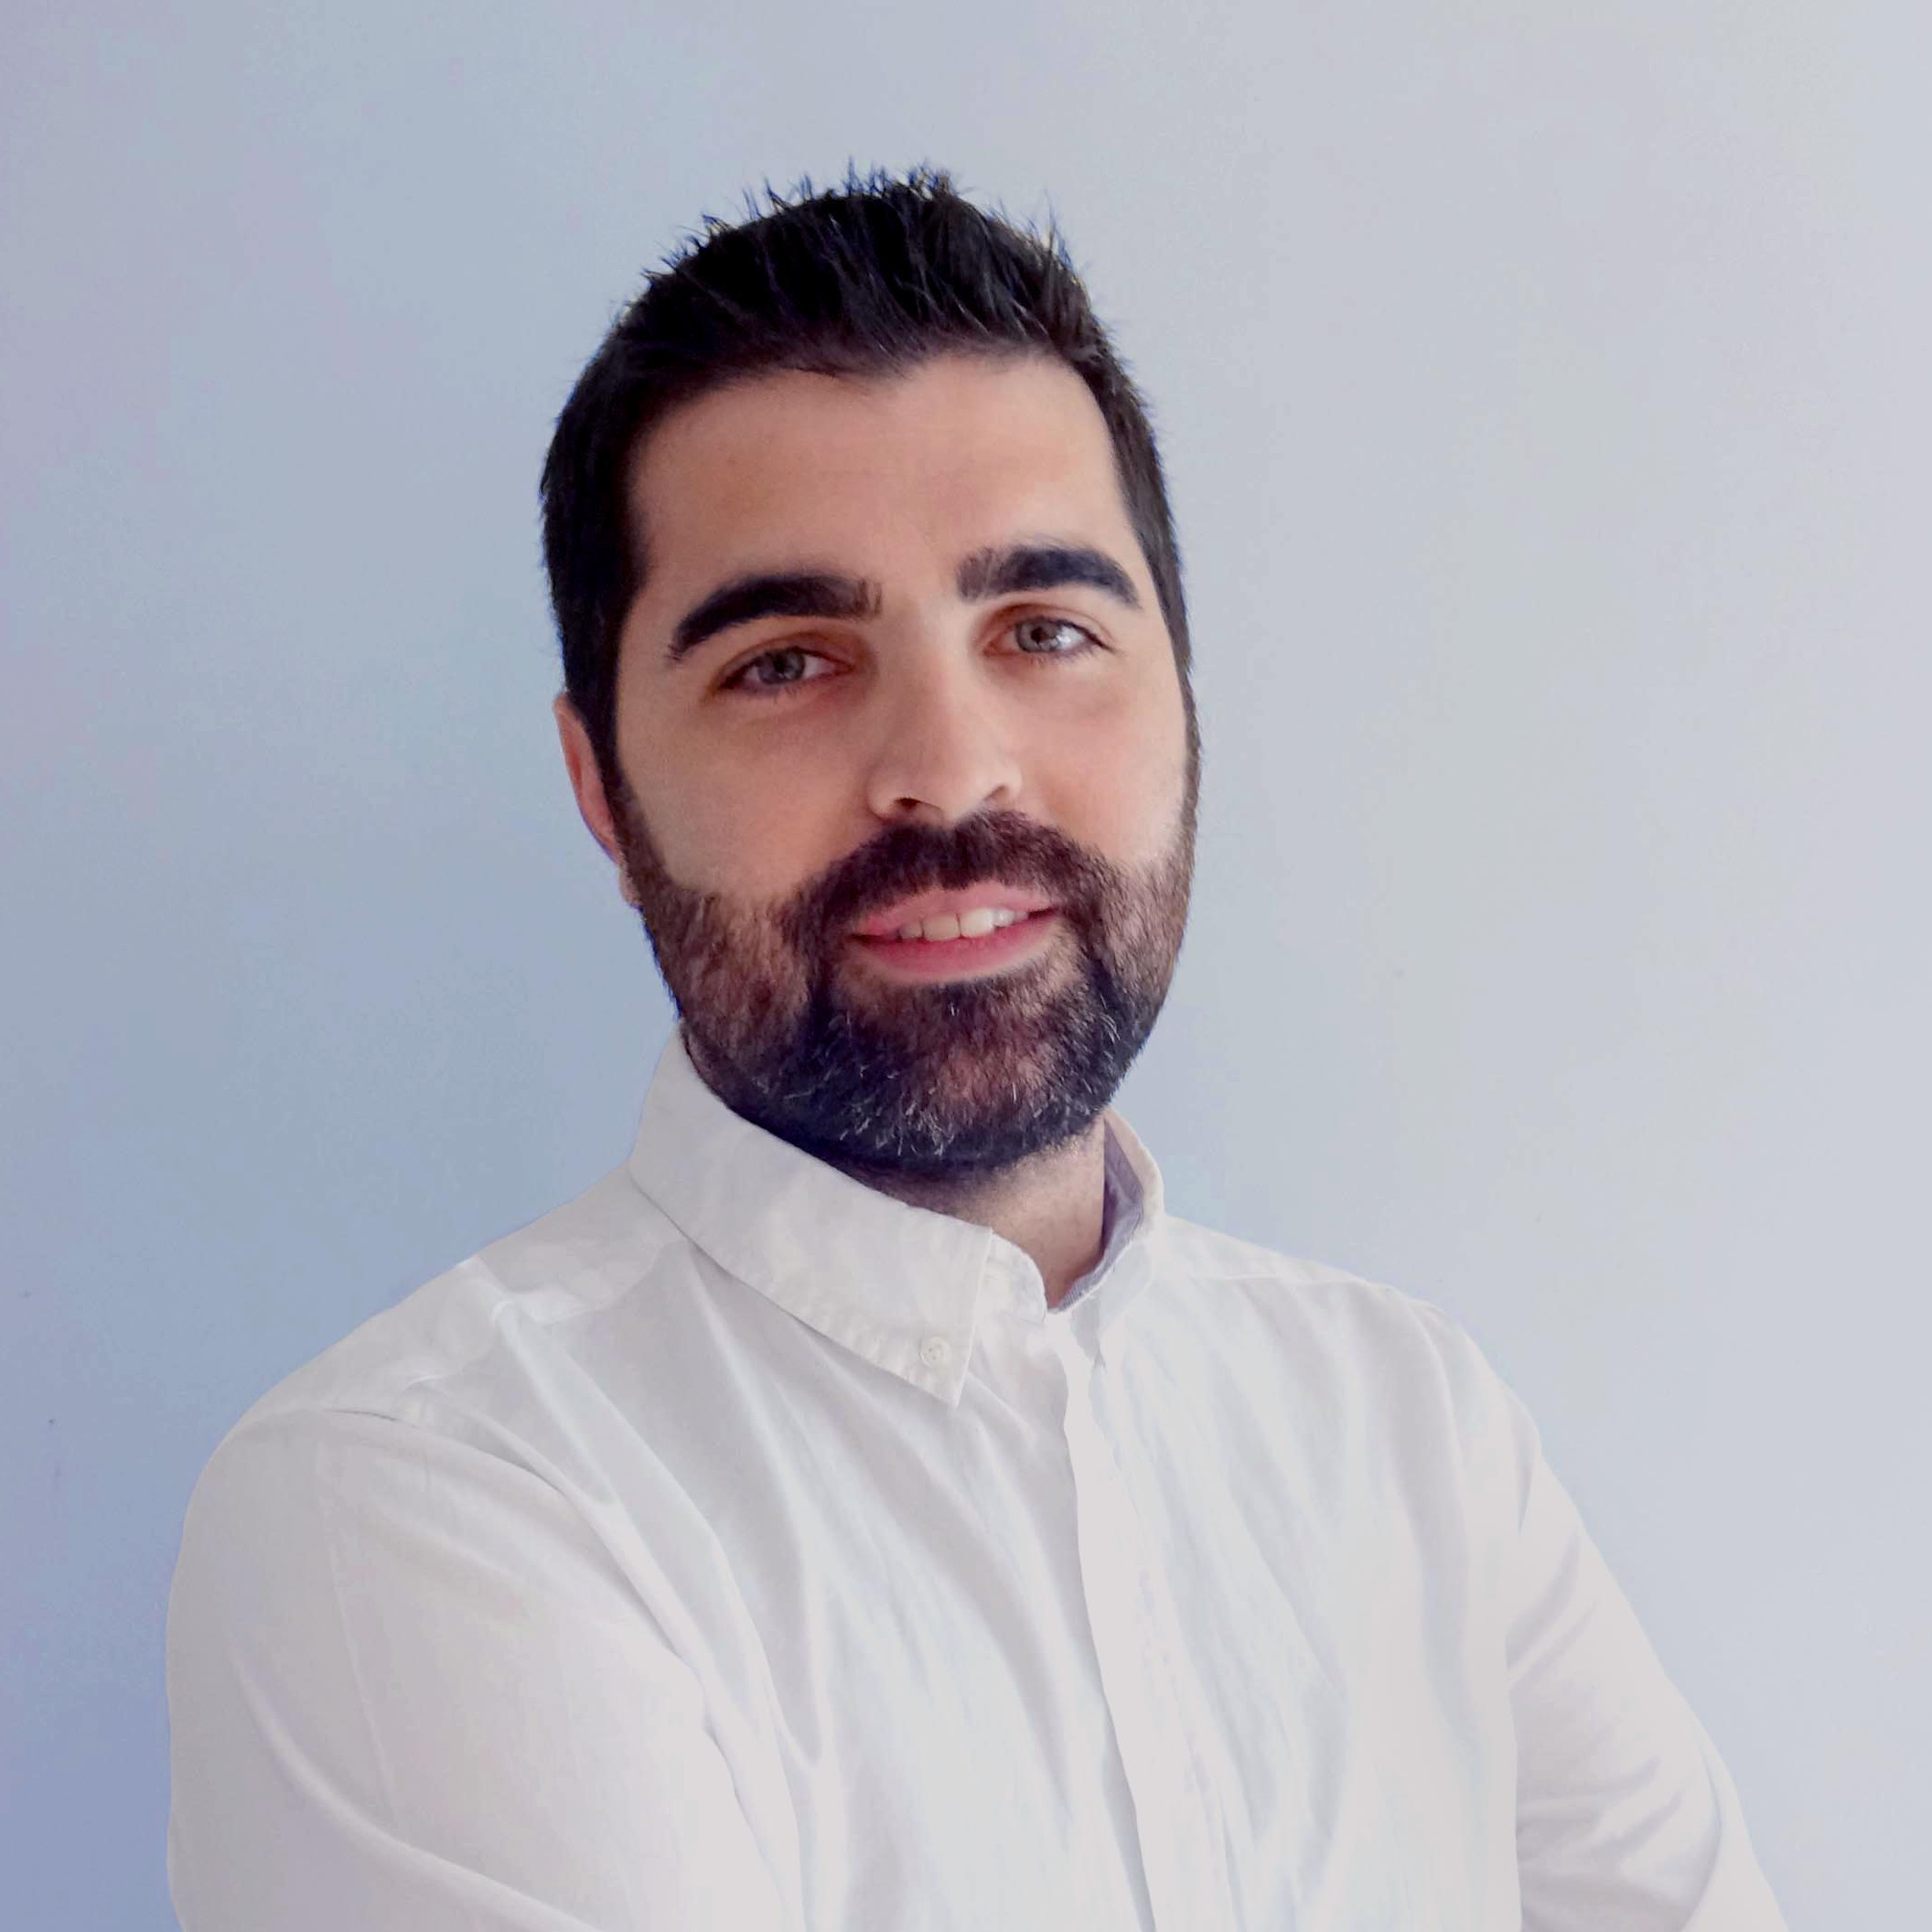 Diego Marquinez